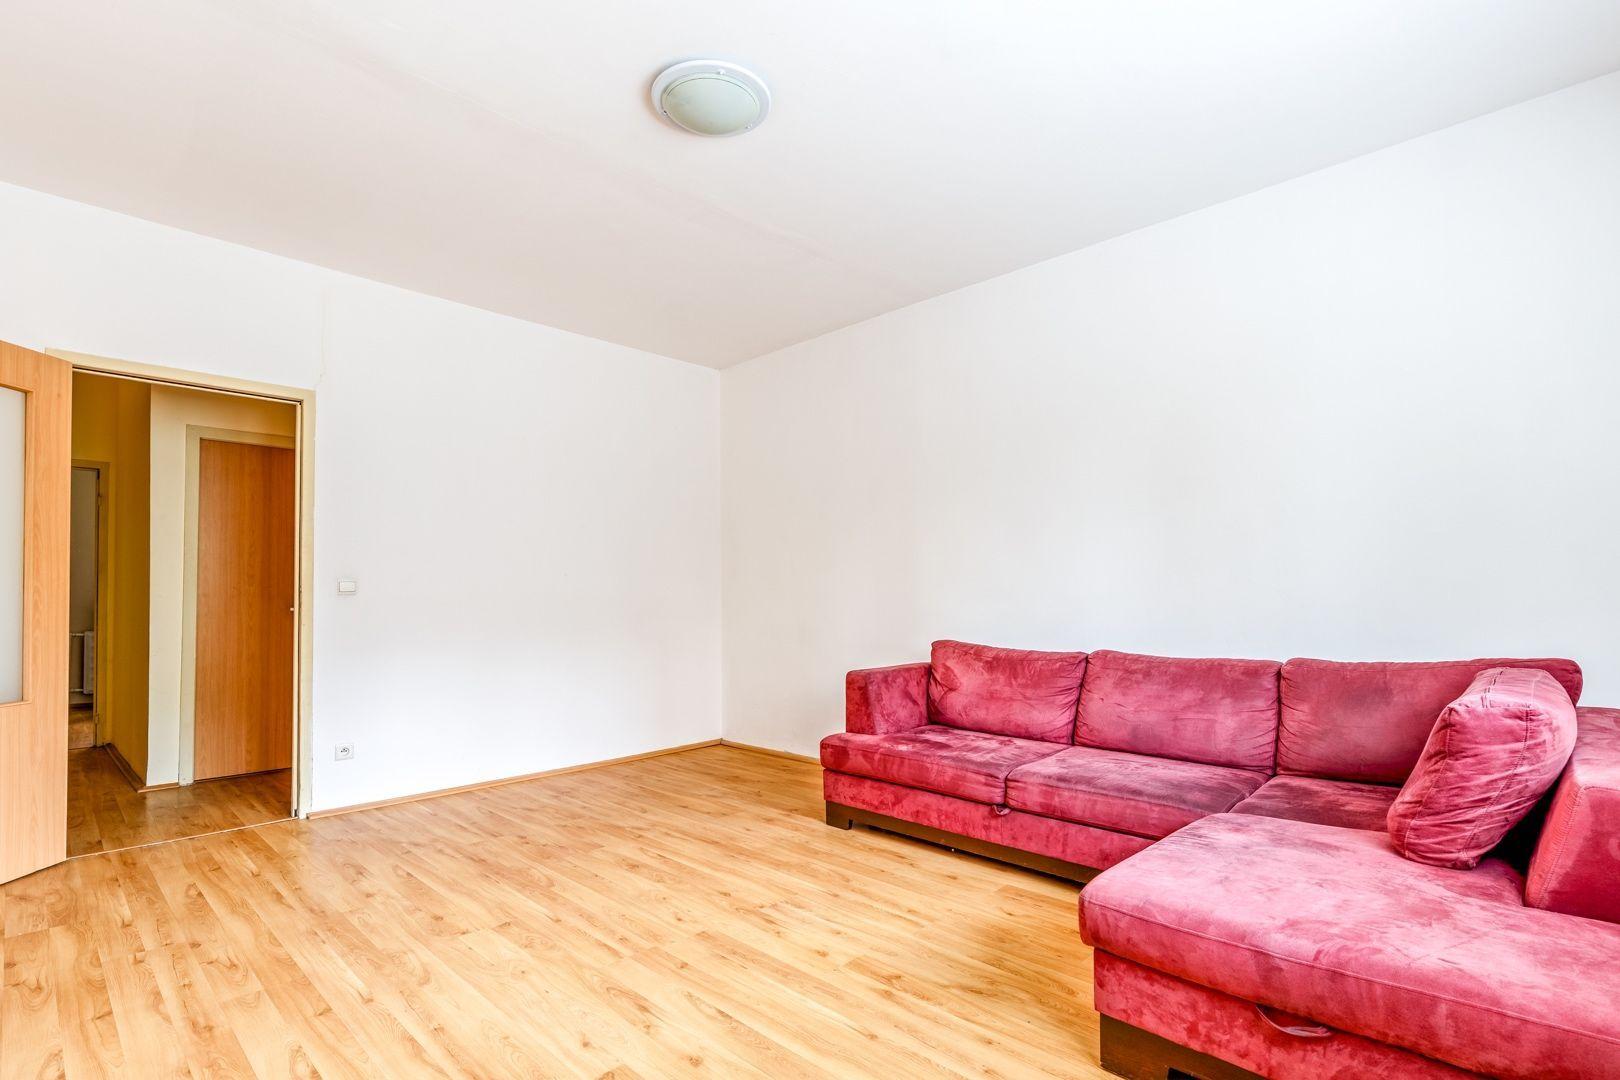 1-izbový byt-Predaj-Bratislava - mestská časť Lamač-115 000 €